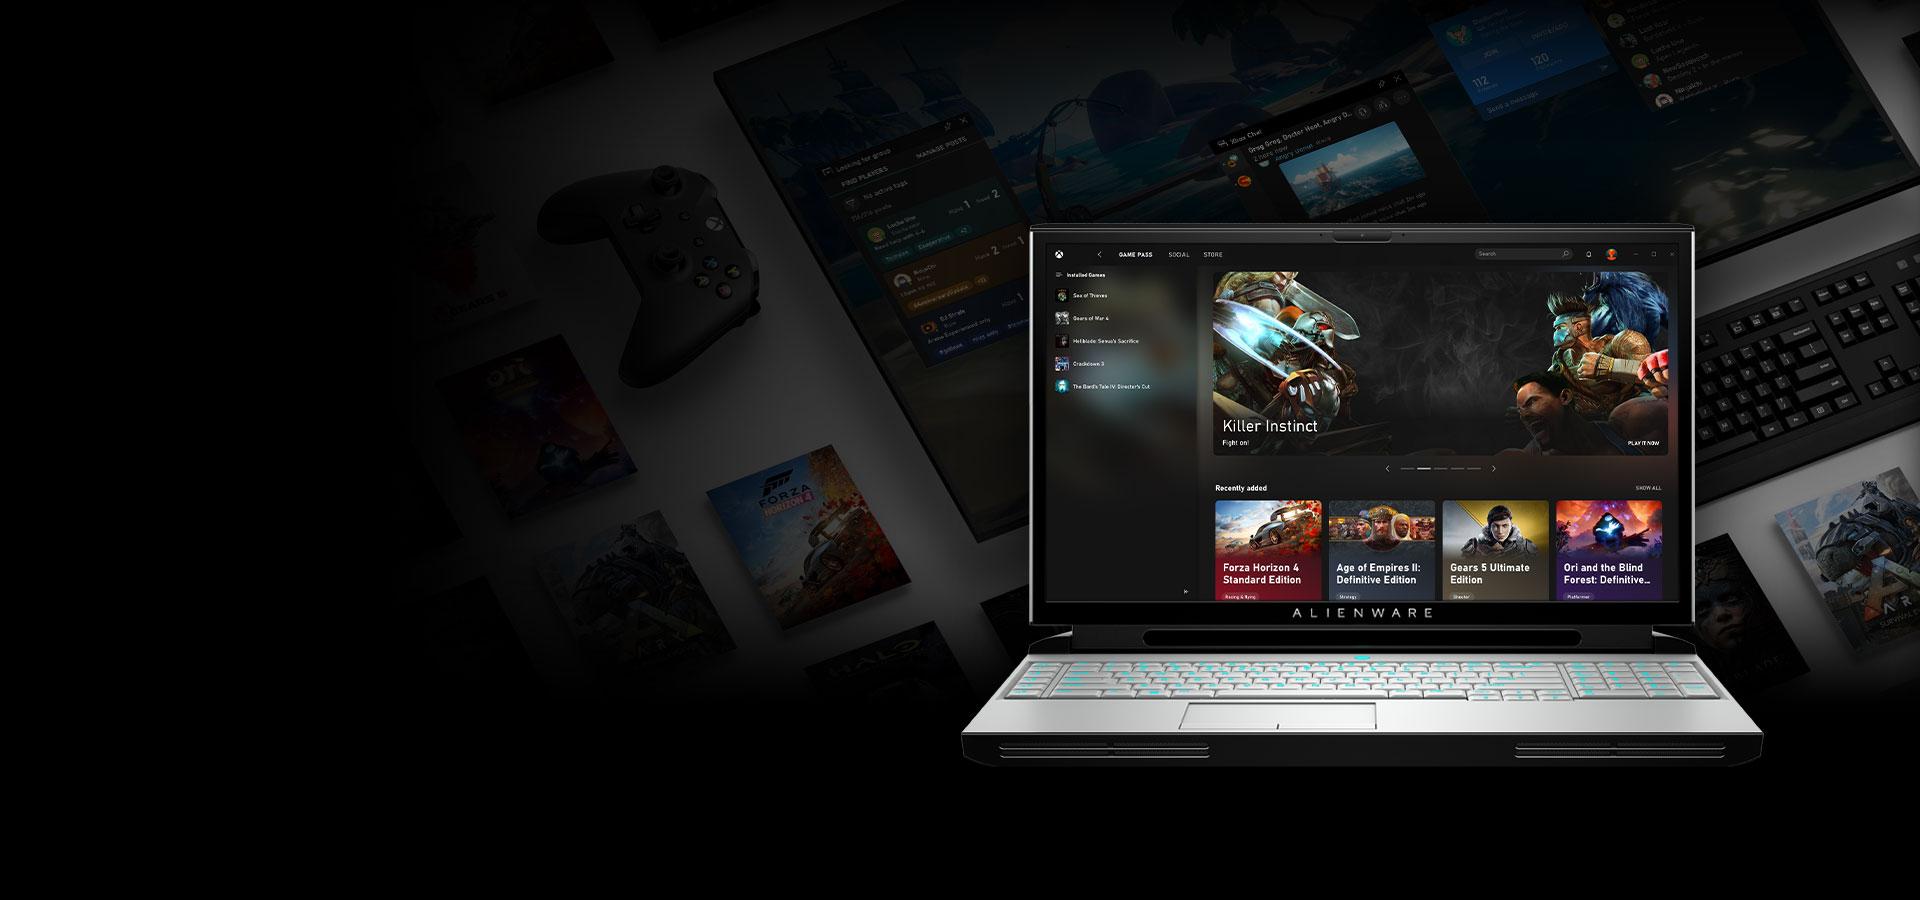 La nouvelle application Xbox affichée sur l'écran d'un PC portable Alienware